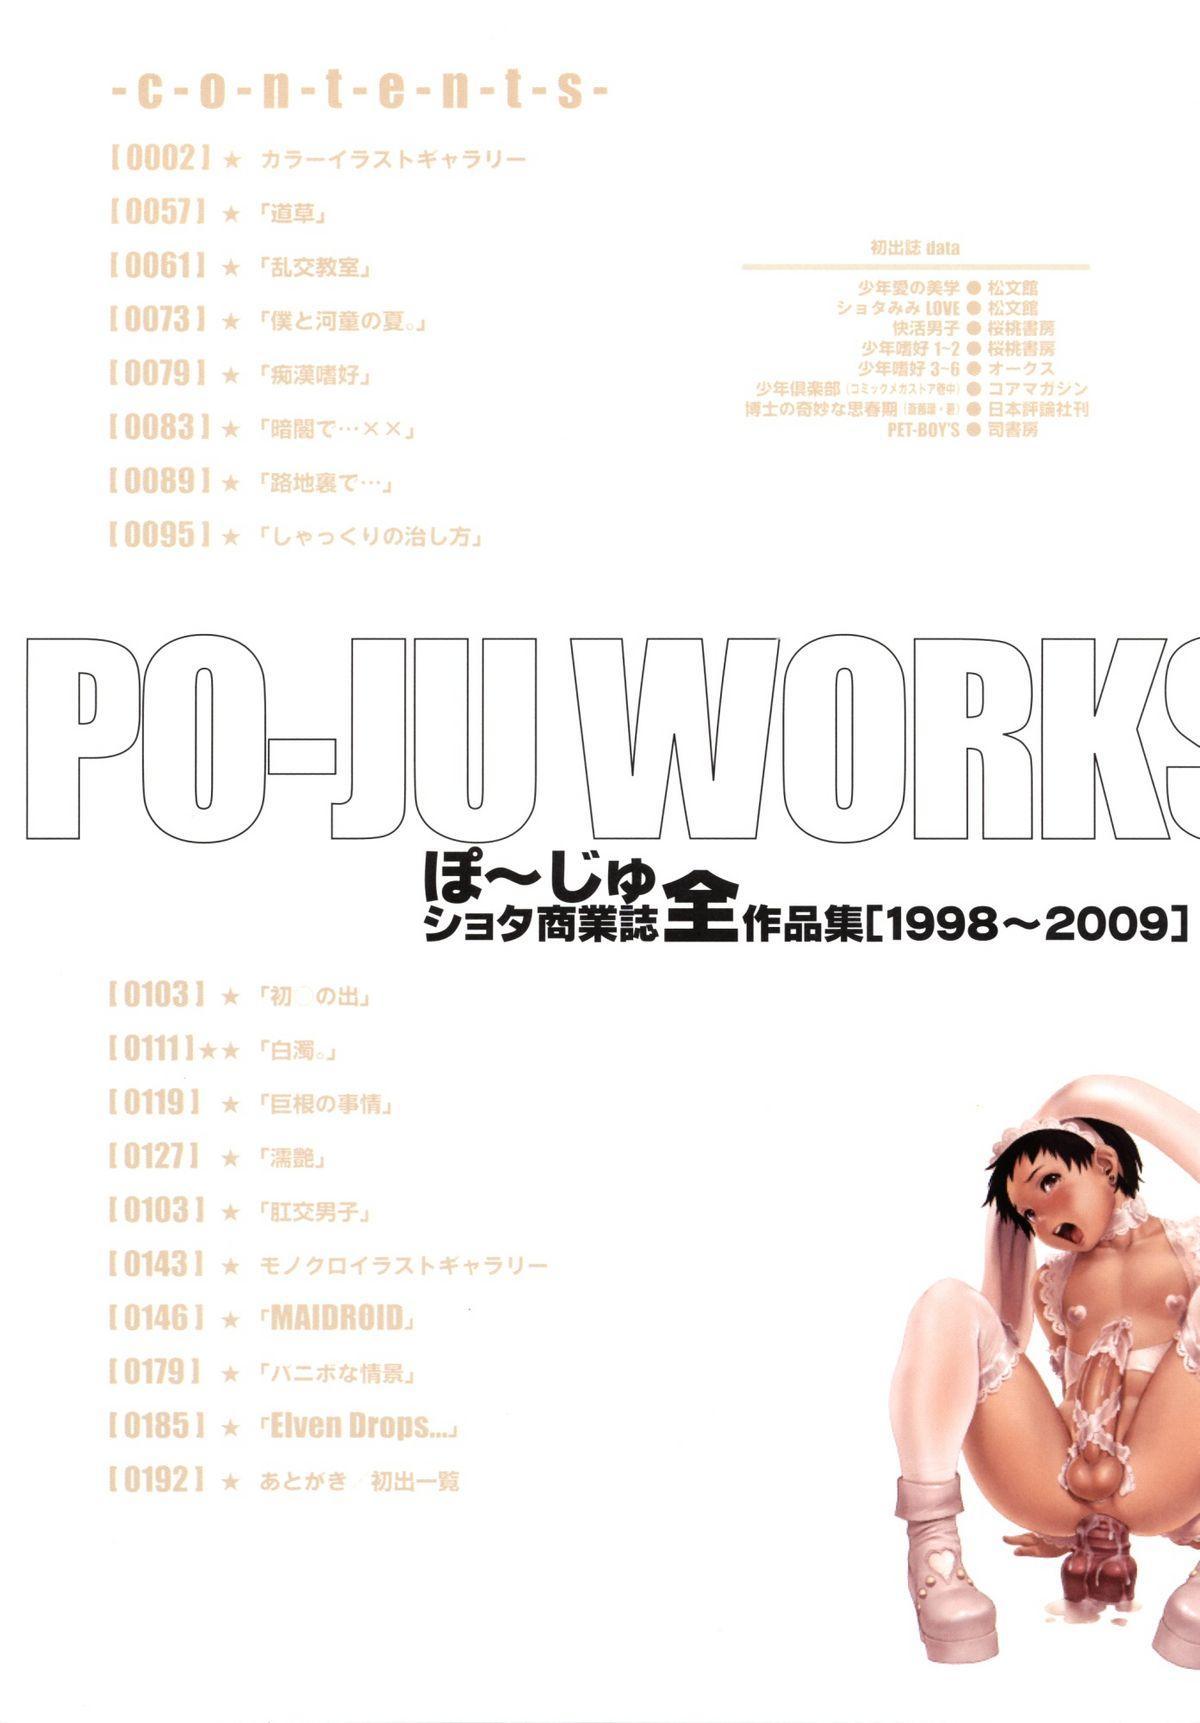 [Po-Ju] PO-JU WORKS - Po-Ju Shota Shougyoushi Zensakuhinshuu 1998-2009 5